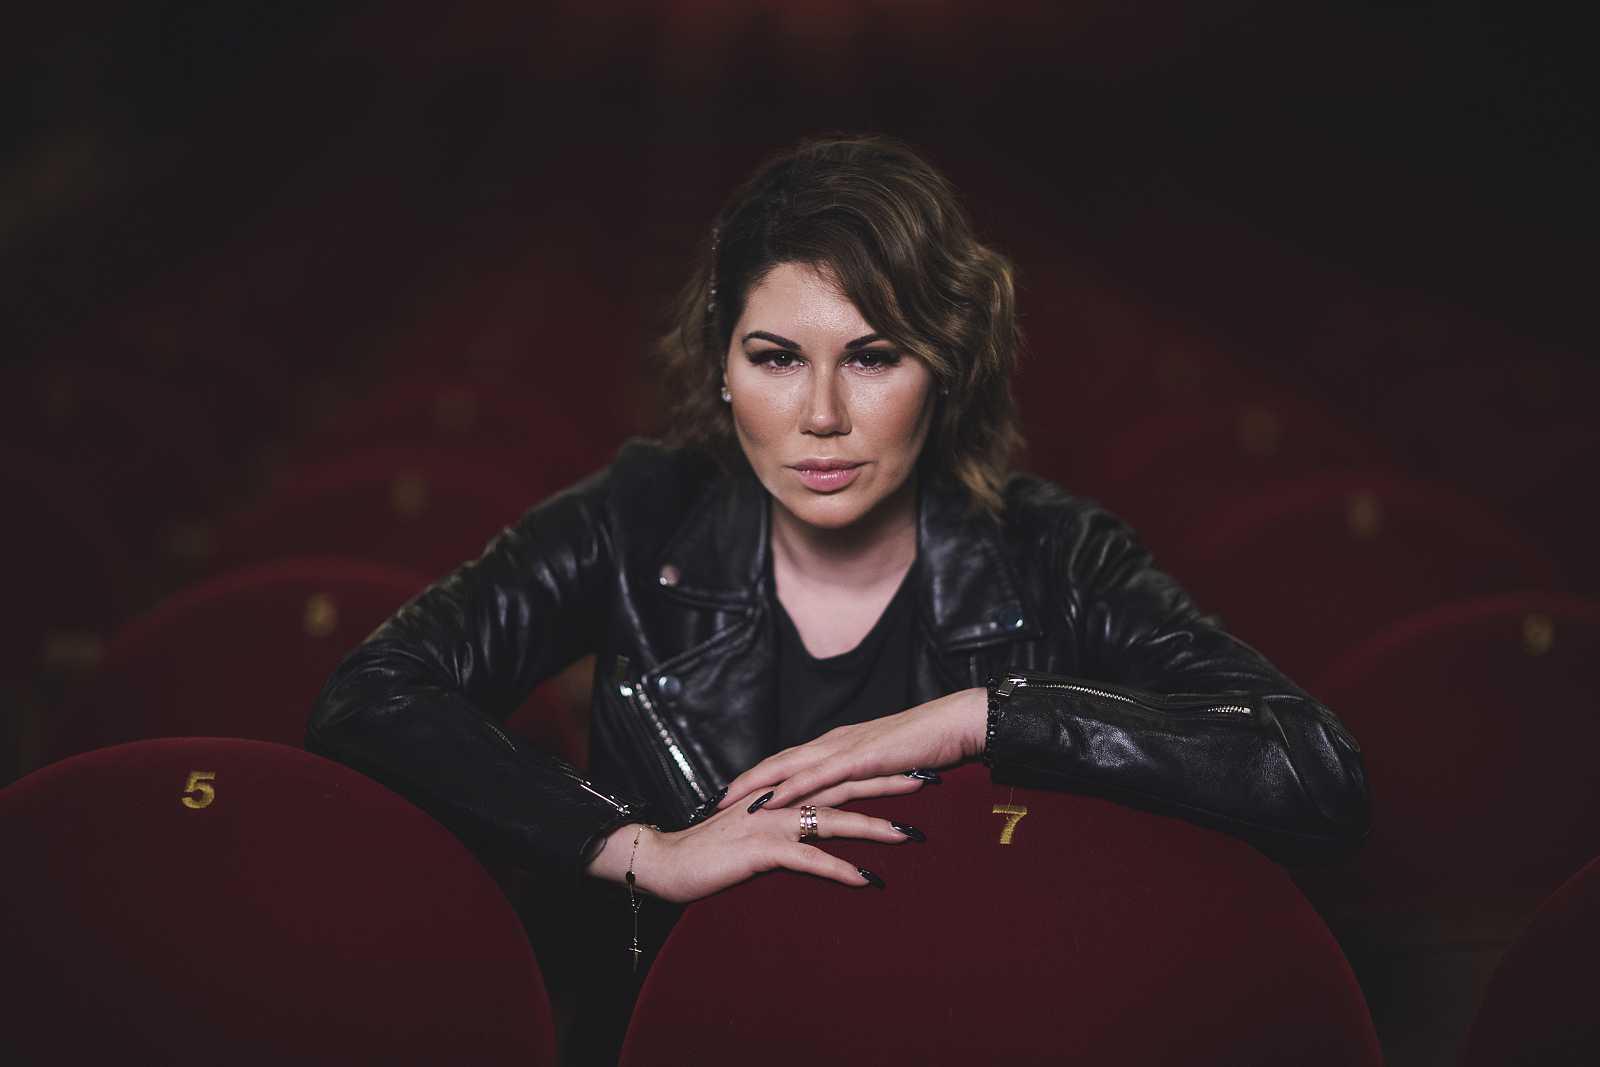 La cantante Tamara en un posado en 2019 vestida de cuero negro entre los asientos granates de un teatro